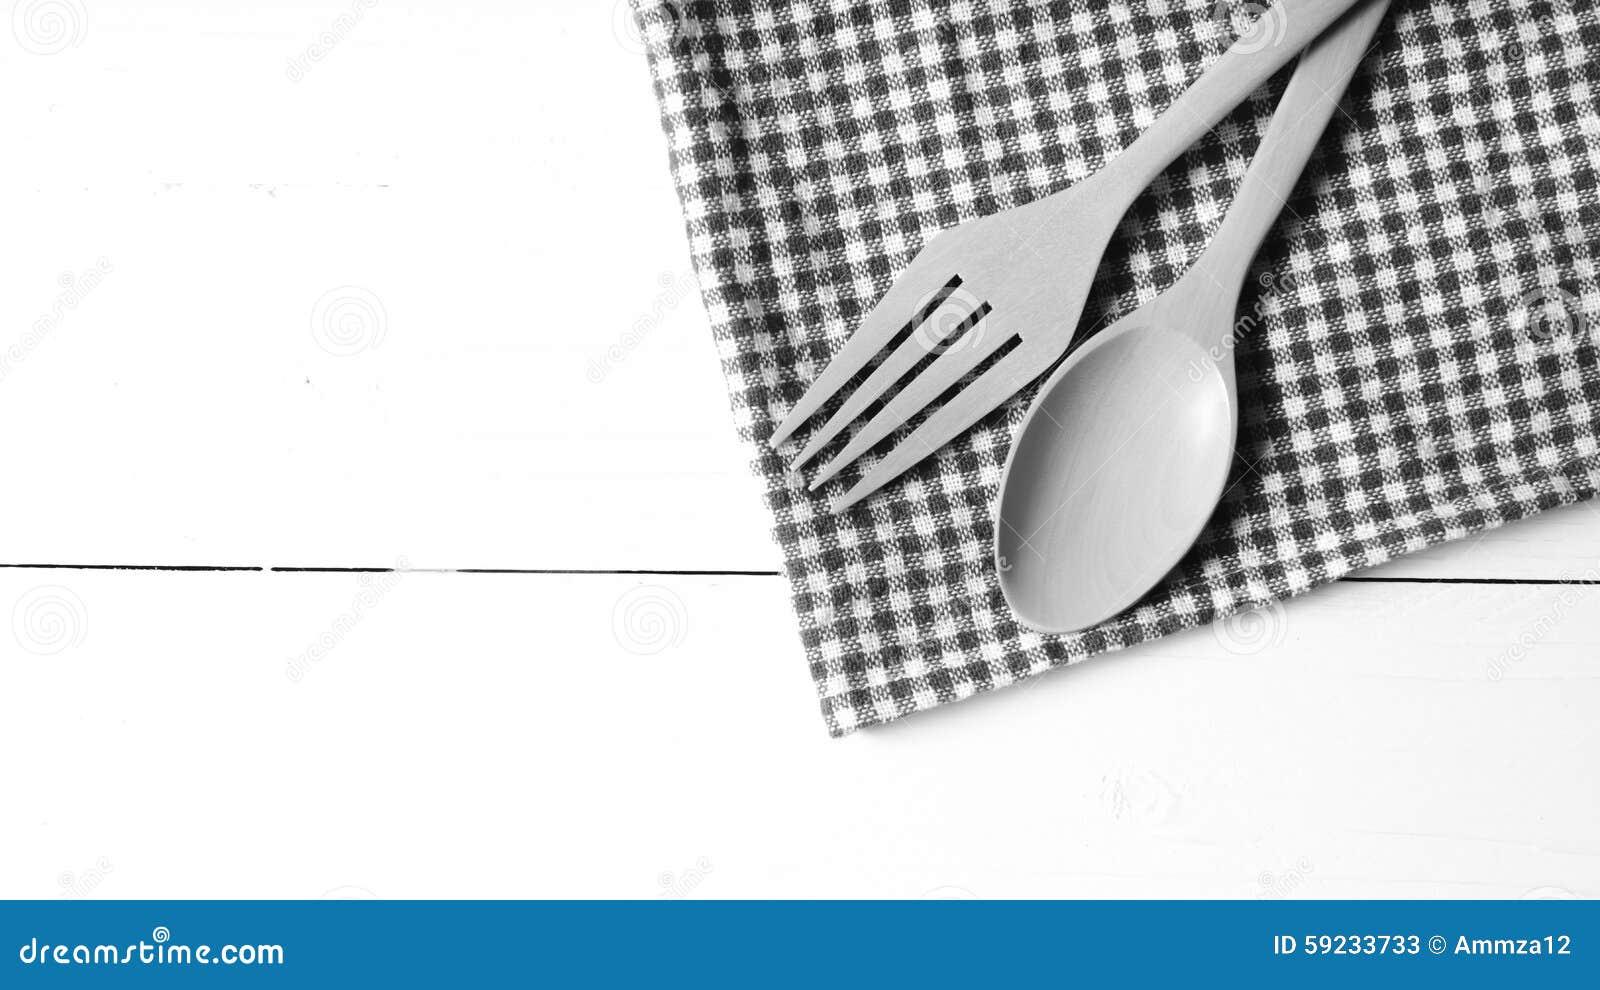 Cuchara y bifurcación de madera en color de tono blanco y negro de la toalla de cocina